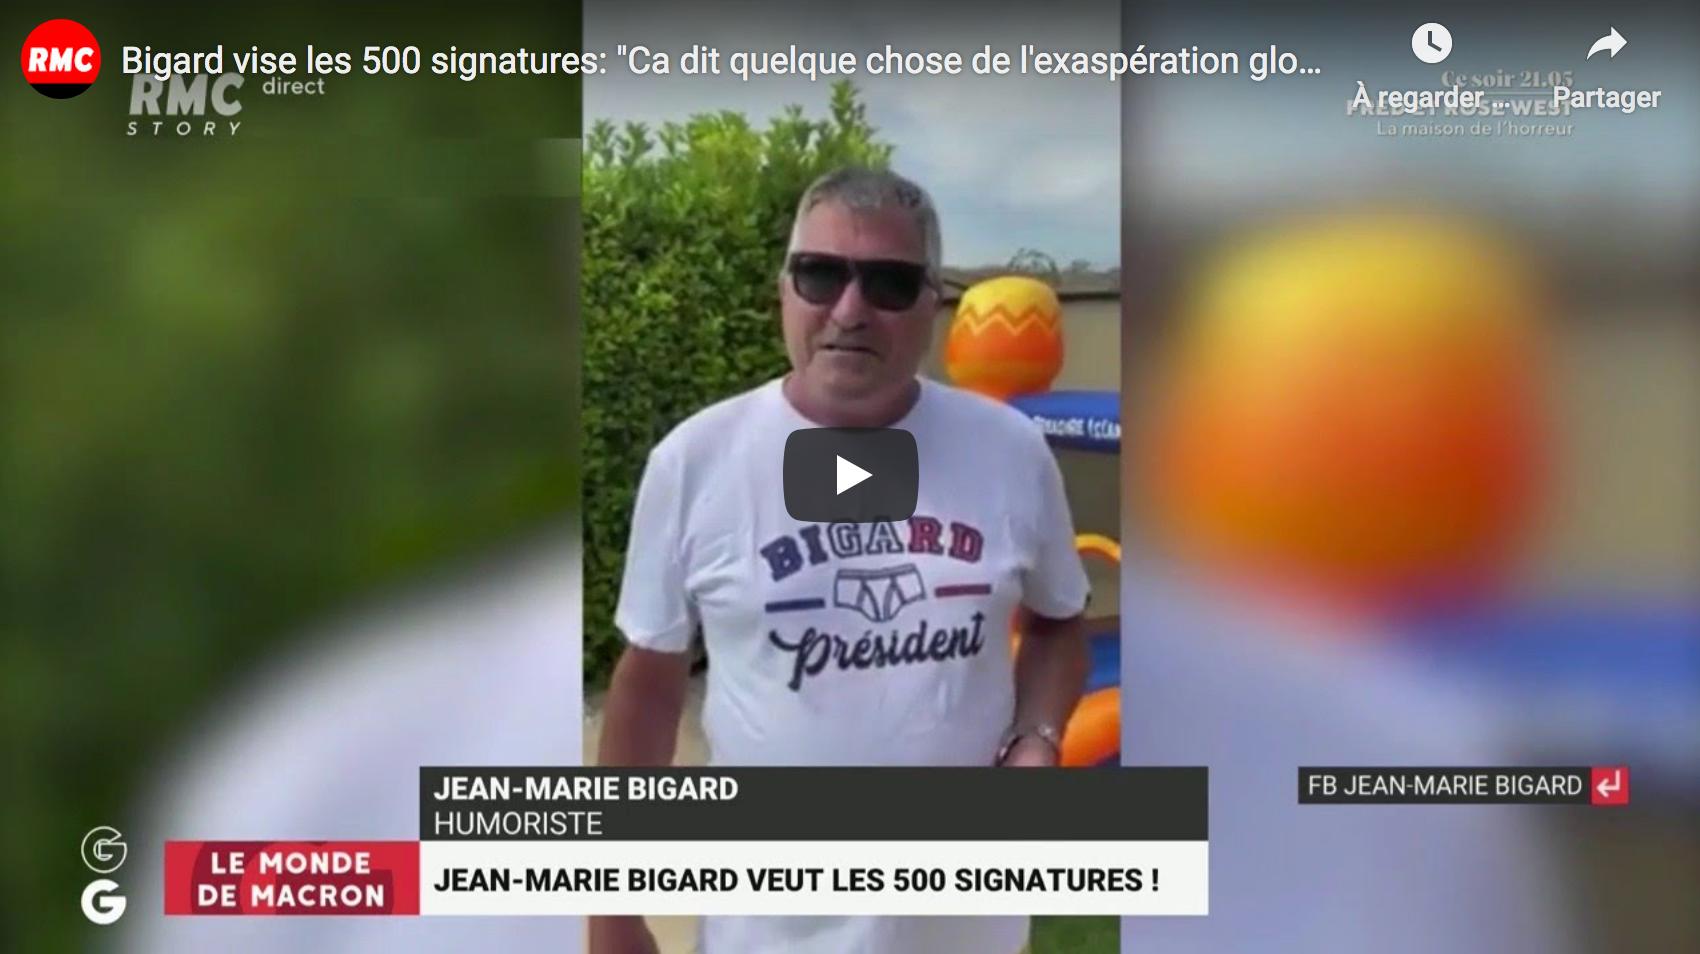 """Jean-Marie Bigard vise les 500 signatures pour se présenter en 2022 : """"Ça dit quelque chose de l'exaspération globale du pays"""""""